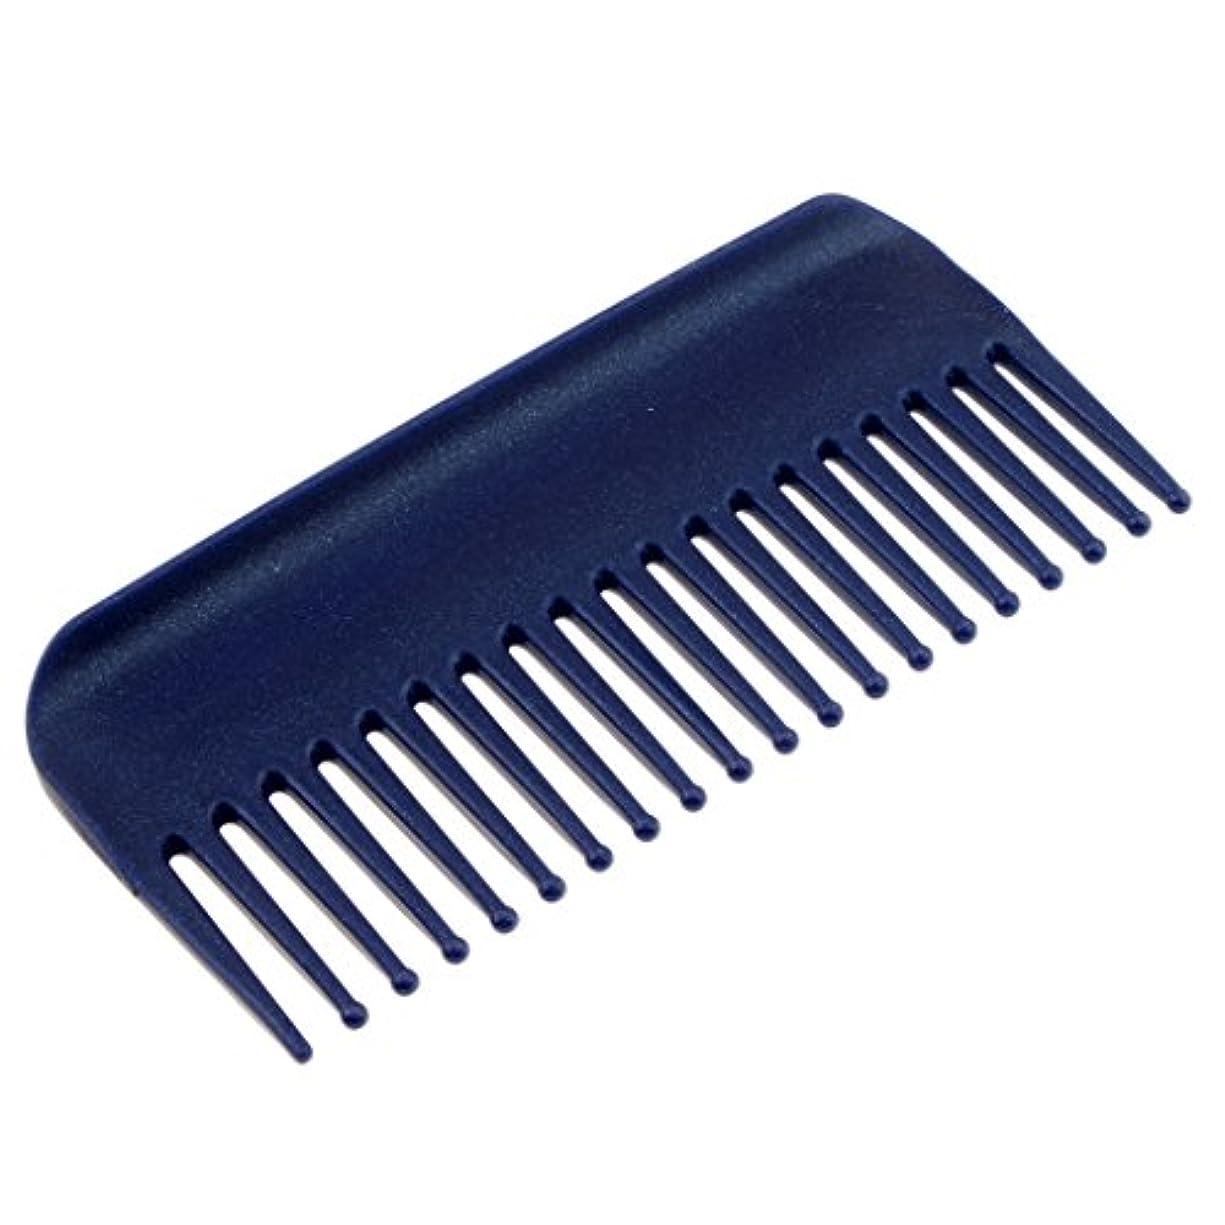 蘇生する通貨強大なPerfk ヘアブラシ ヘアコーム コーム 櫛 くし 頭皮 マッサージ 耐熱性 帯電防止 高品質 4色選べる - 青